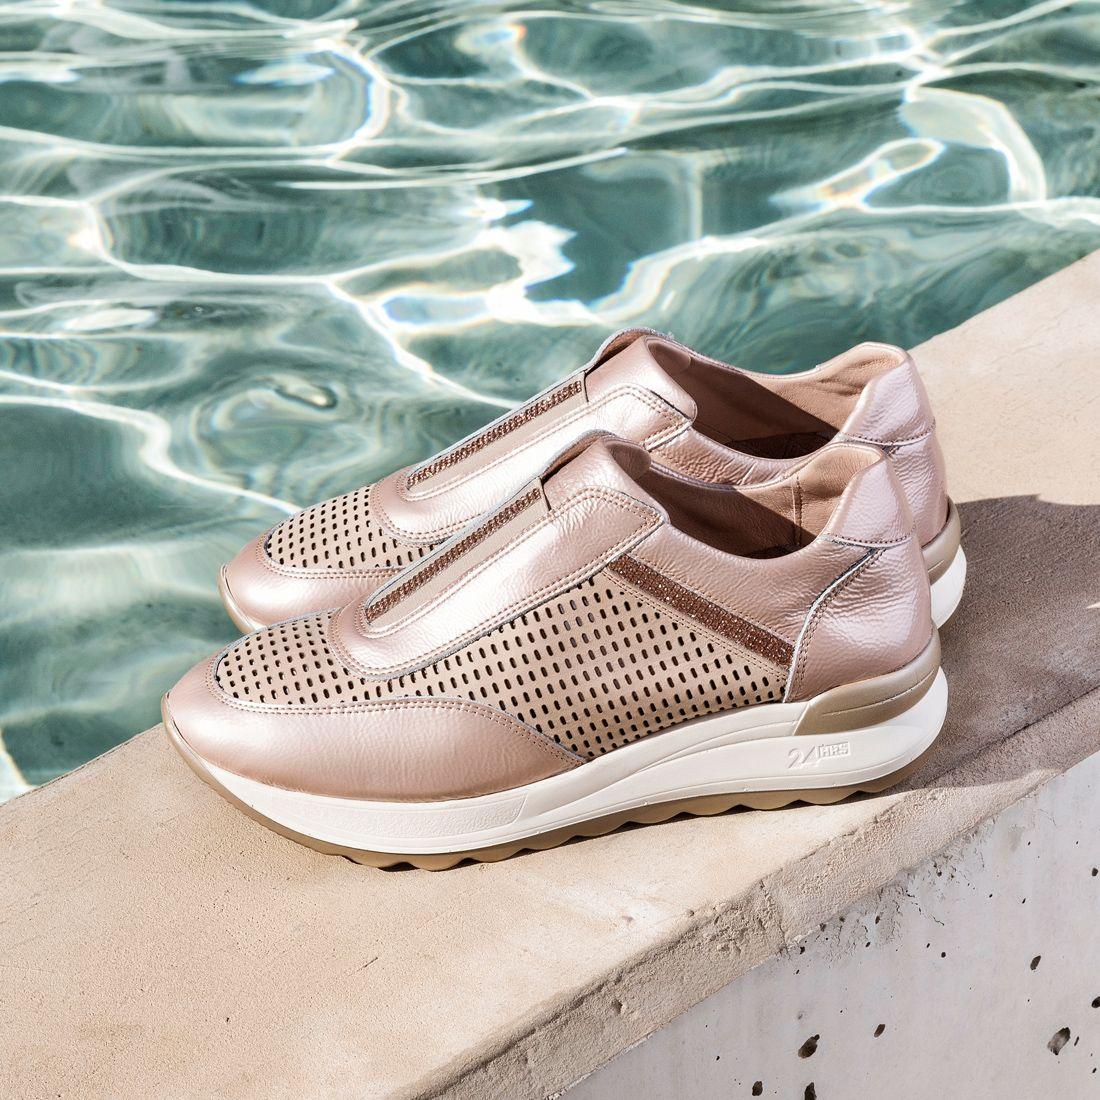 Talla transportar Reproducir  24 HORAS 23970 ORO Zacaris zapatos online. | Marcas zapatos mujer, Zapatos,  Zapatos para niñas